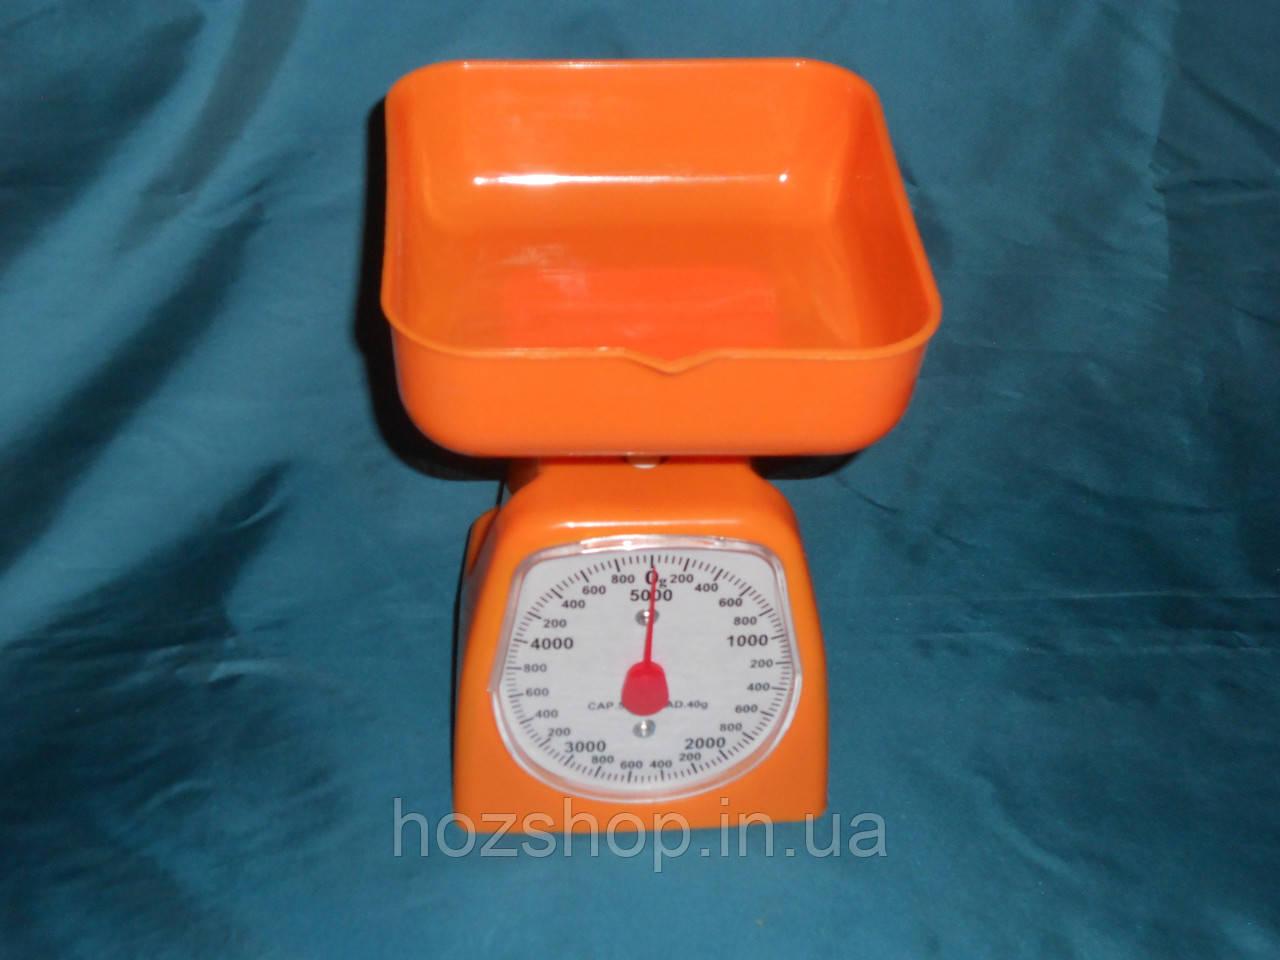 Весы с чашкой механические